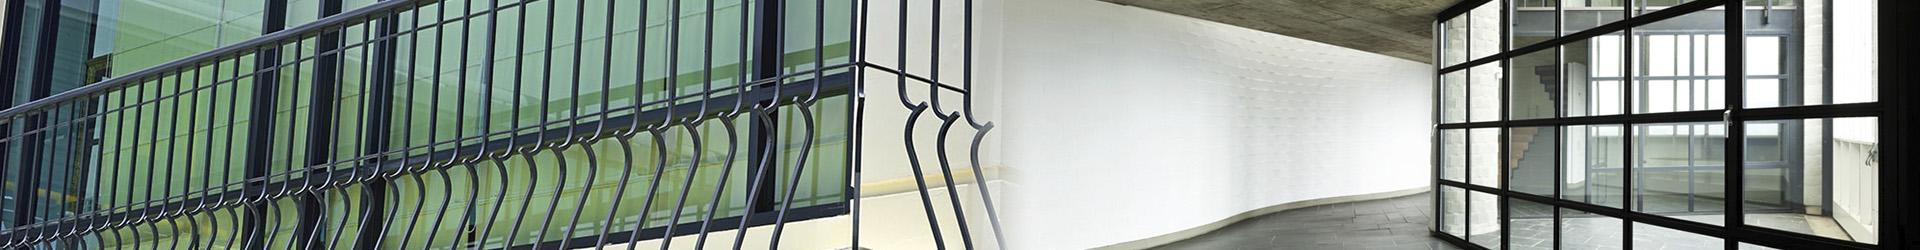 Chiusura balconi bugliani serramenti carpenteria massa for Balcone chiuso da vetrate